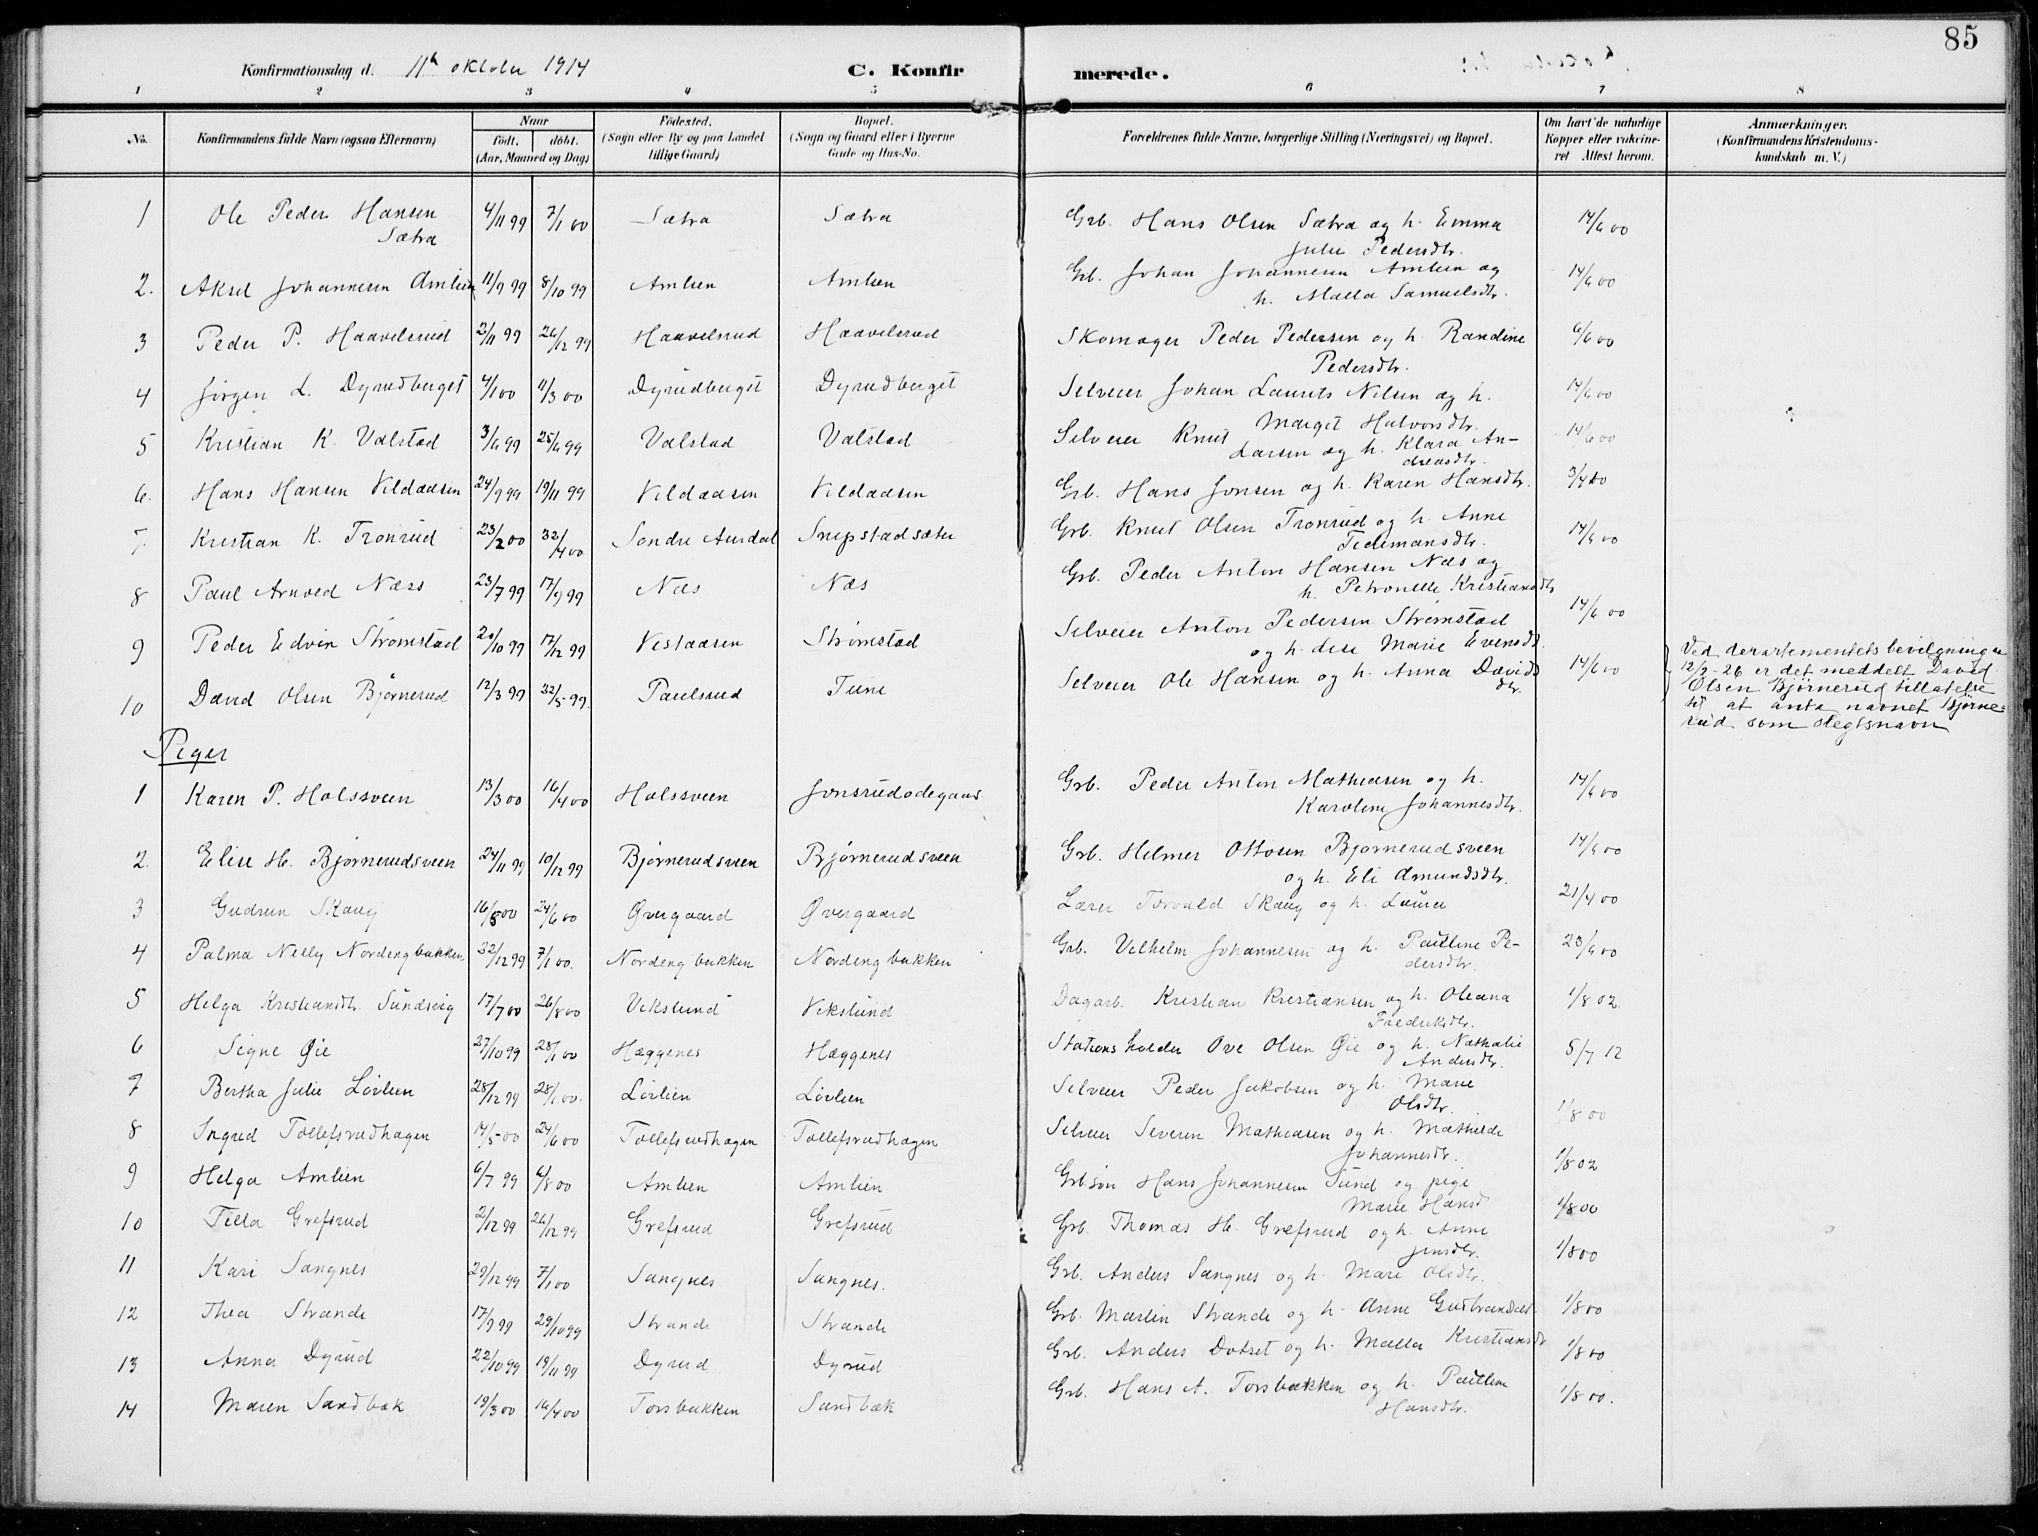 SAH, Kolbu prestekontor, Ministerialbok nr. 1, 1907-1923, s. 85